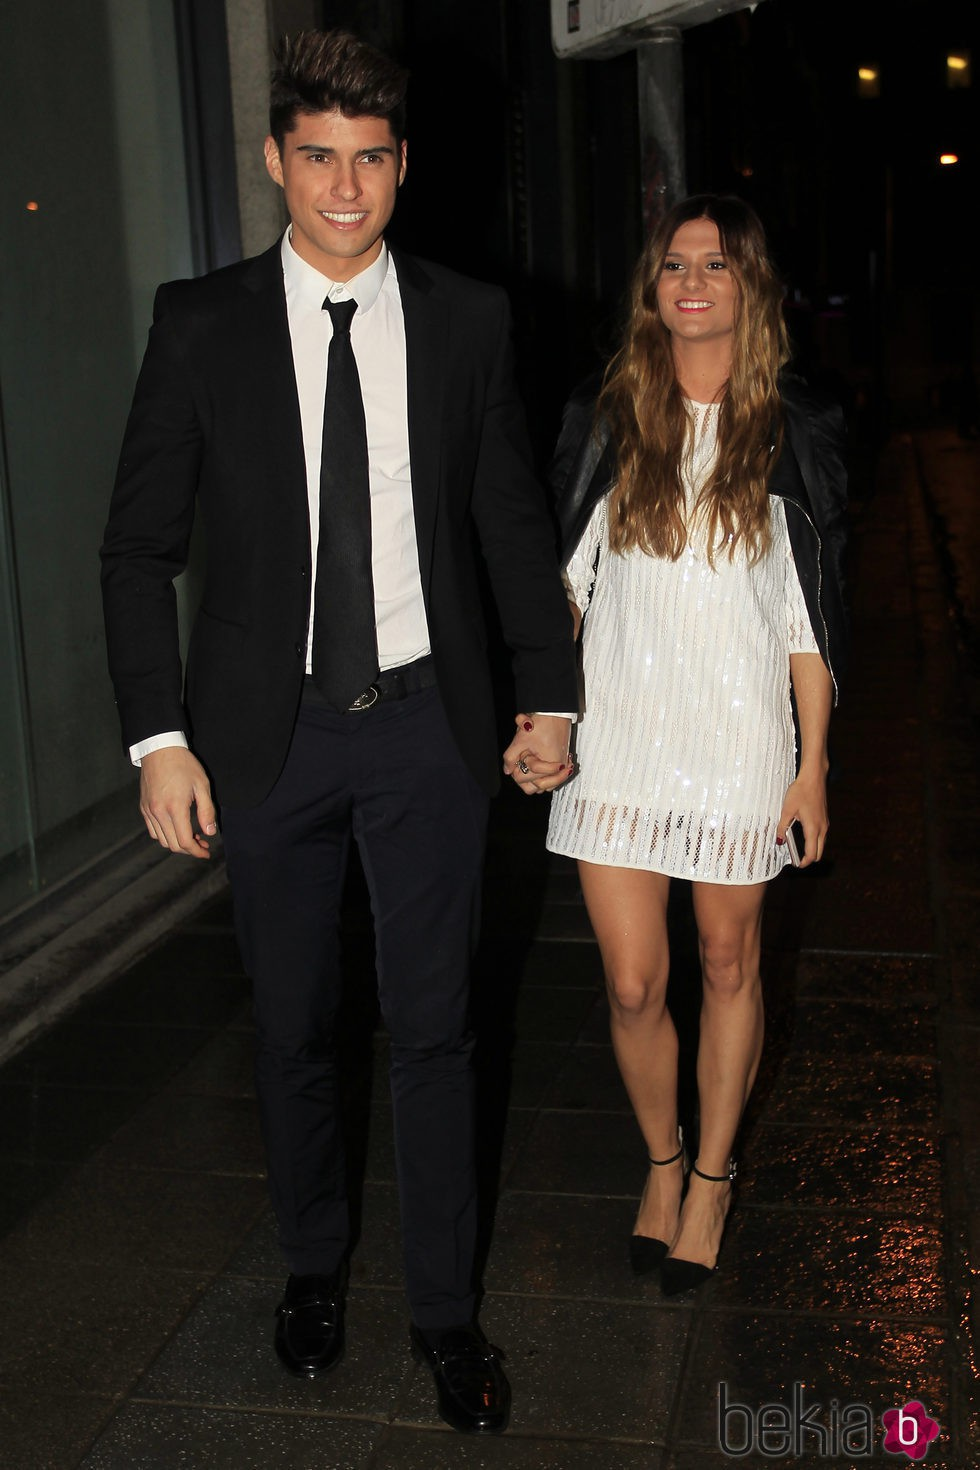 Javier Tudela y su novia Alejandra Lozano en la fiesta final de 'Gran Hermano VIP 4'